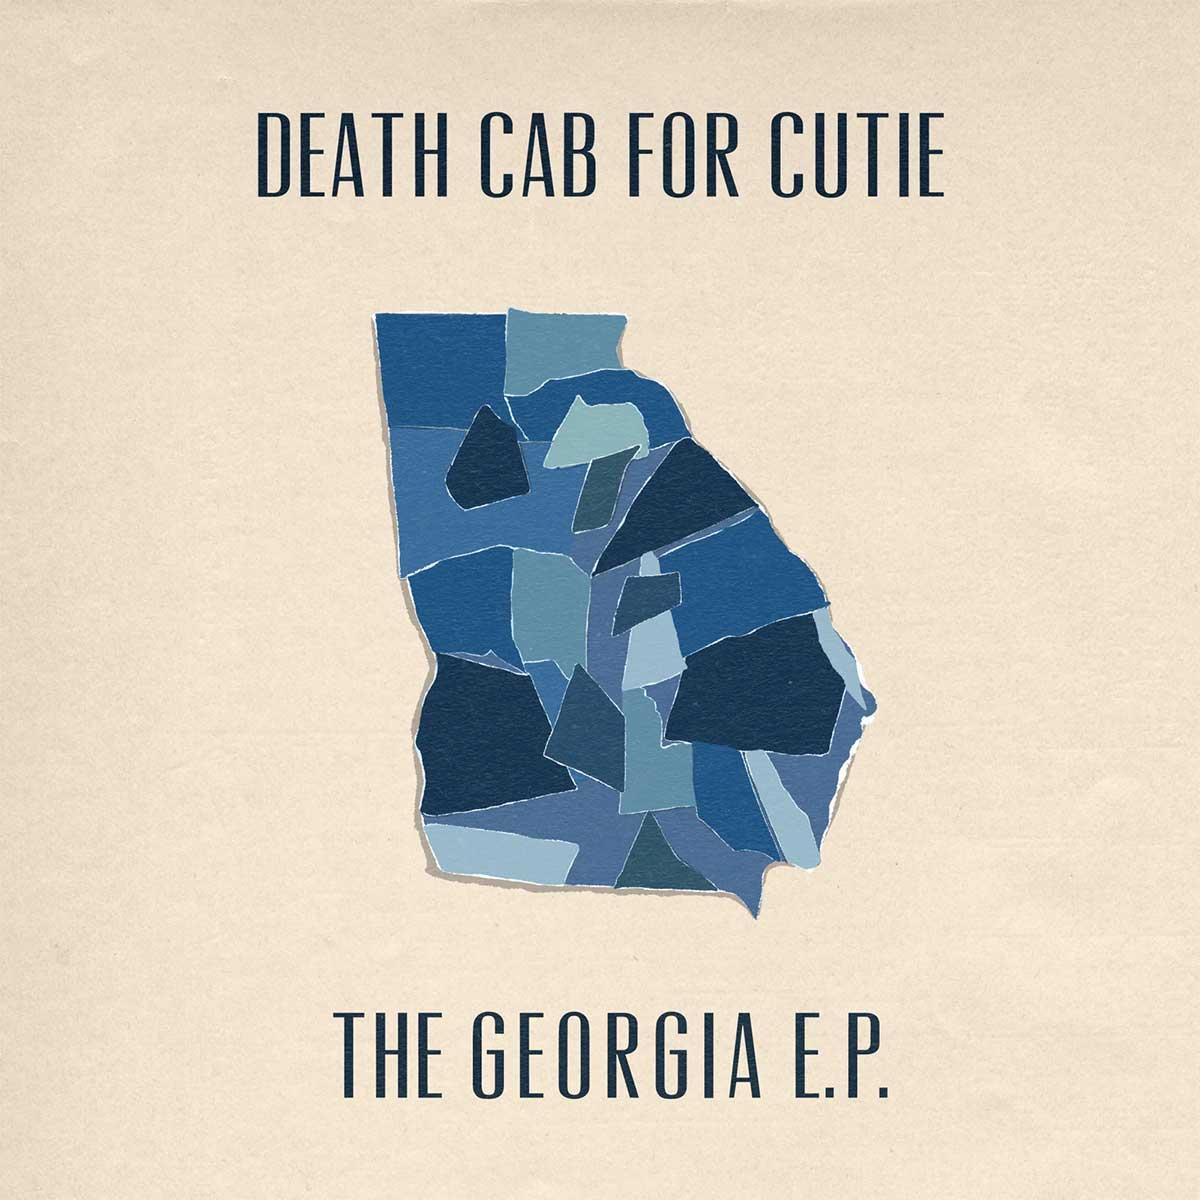 Portada de The Georgia E.P., EP de Death Cab For Cutie